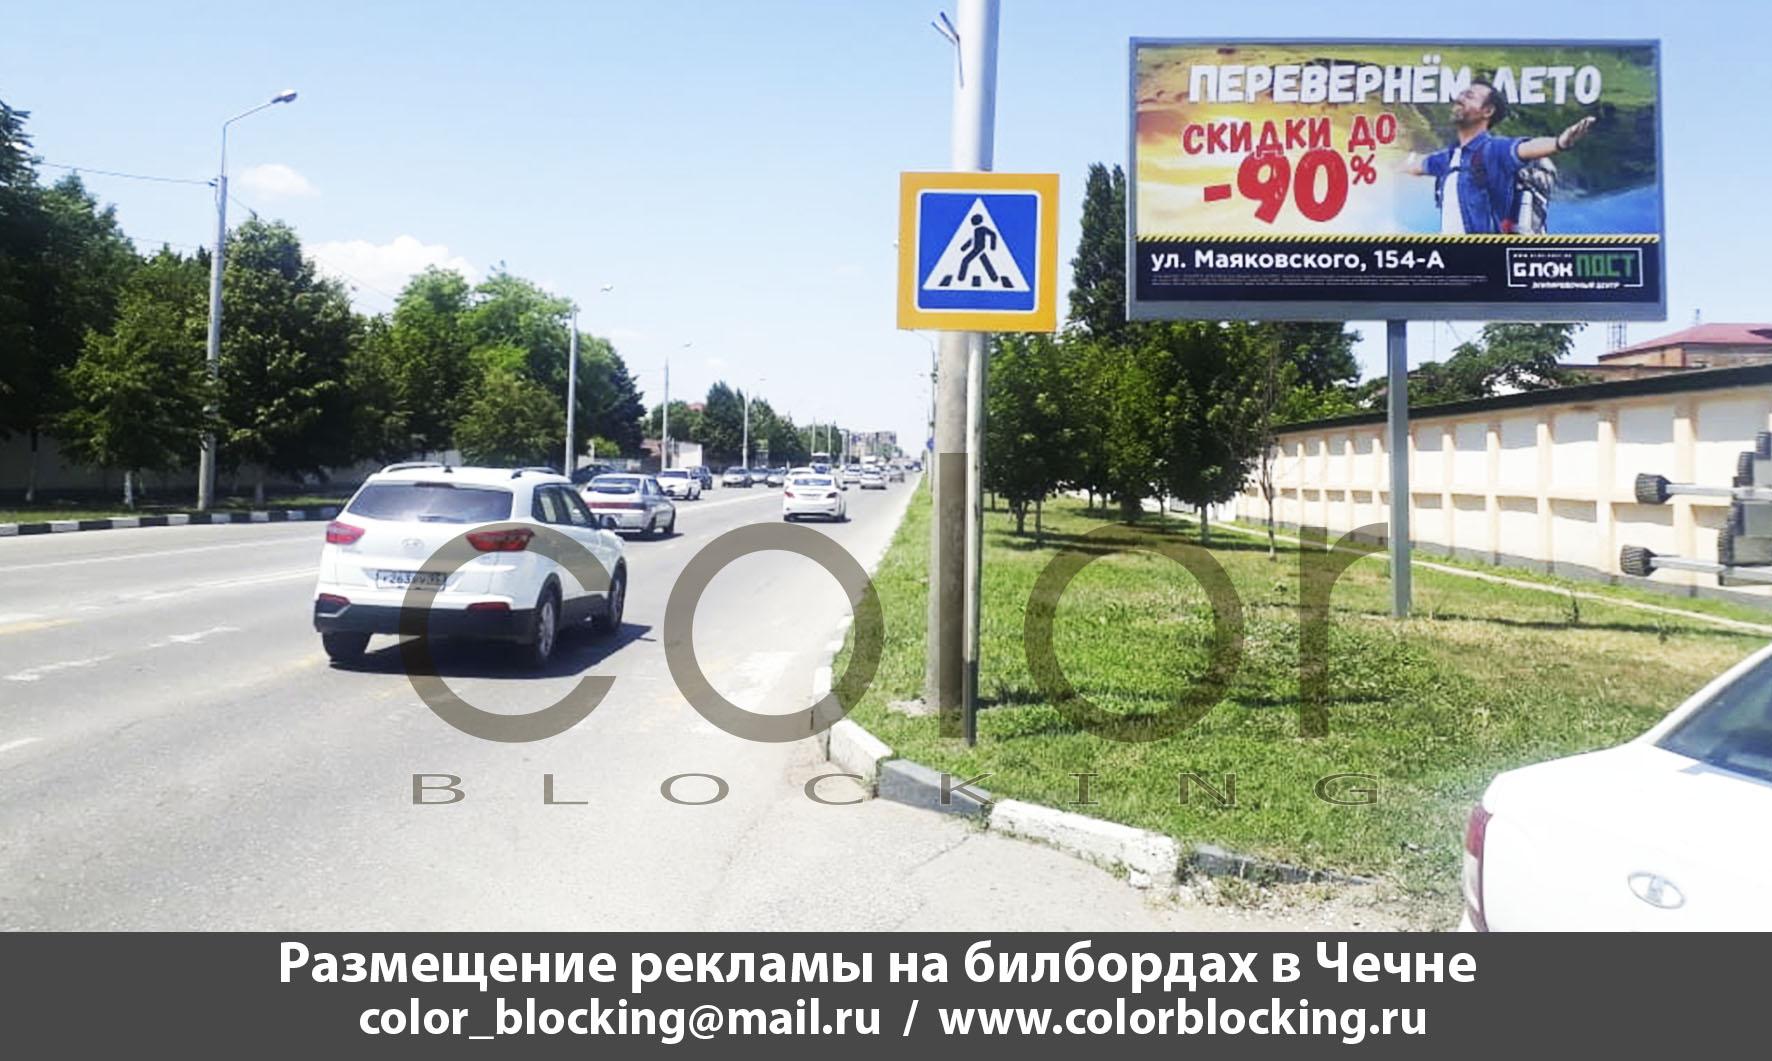 Реклама на билбордах в Грозном БлокПост щиты